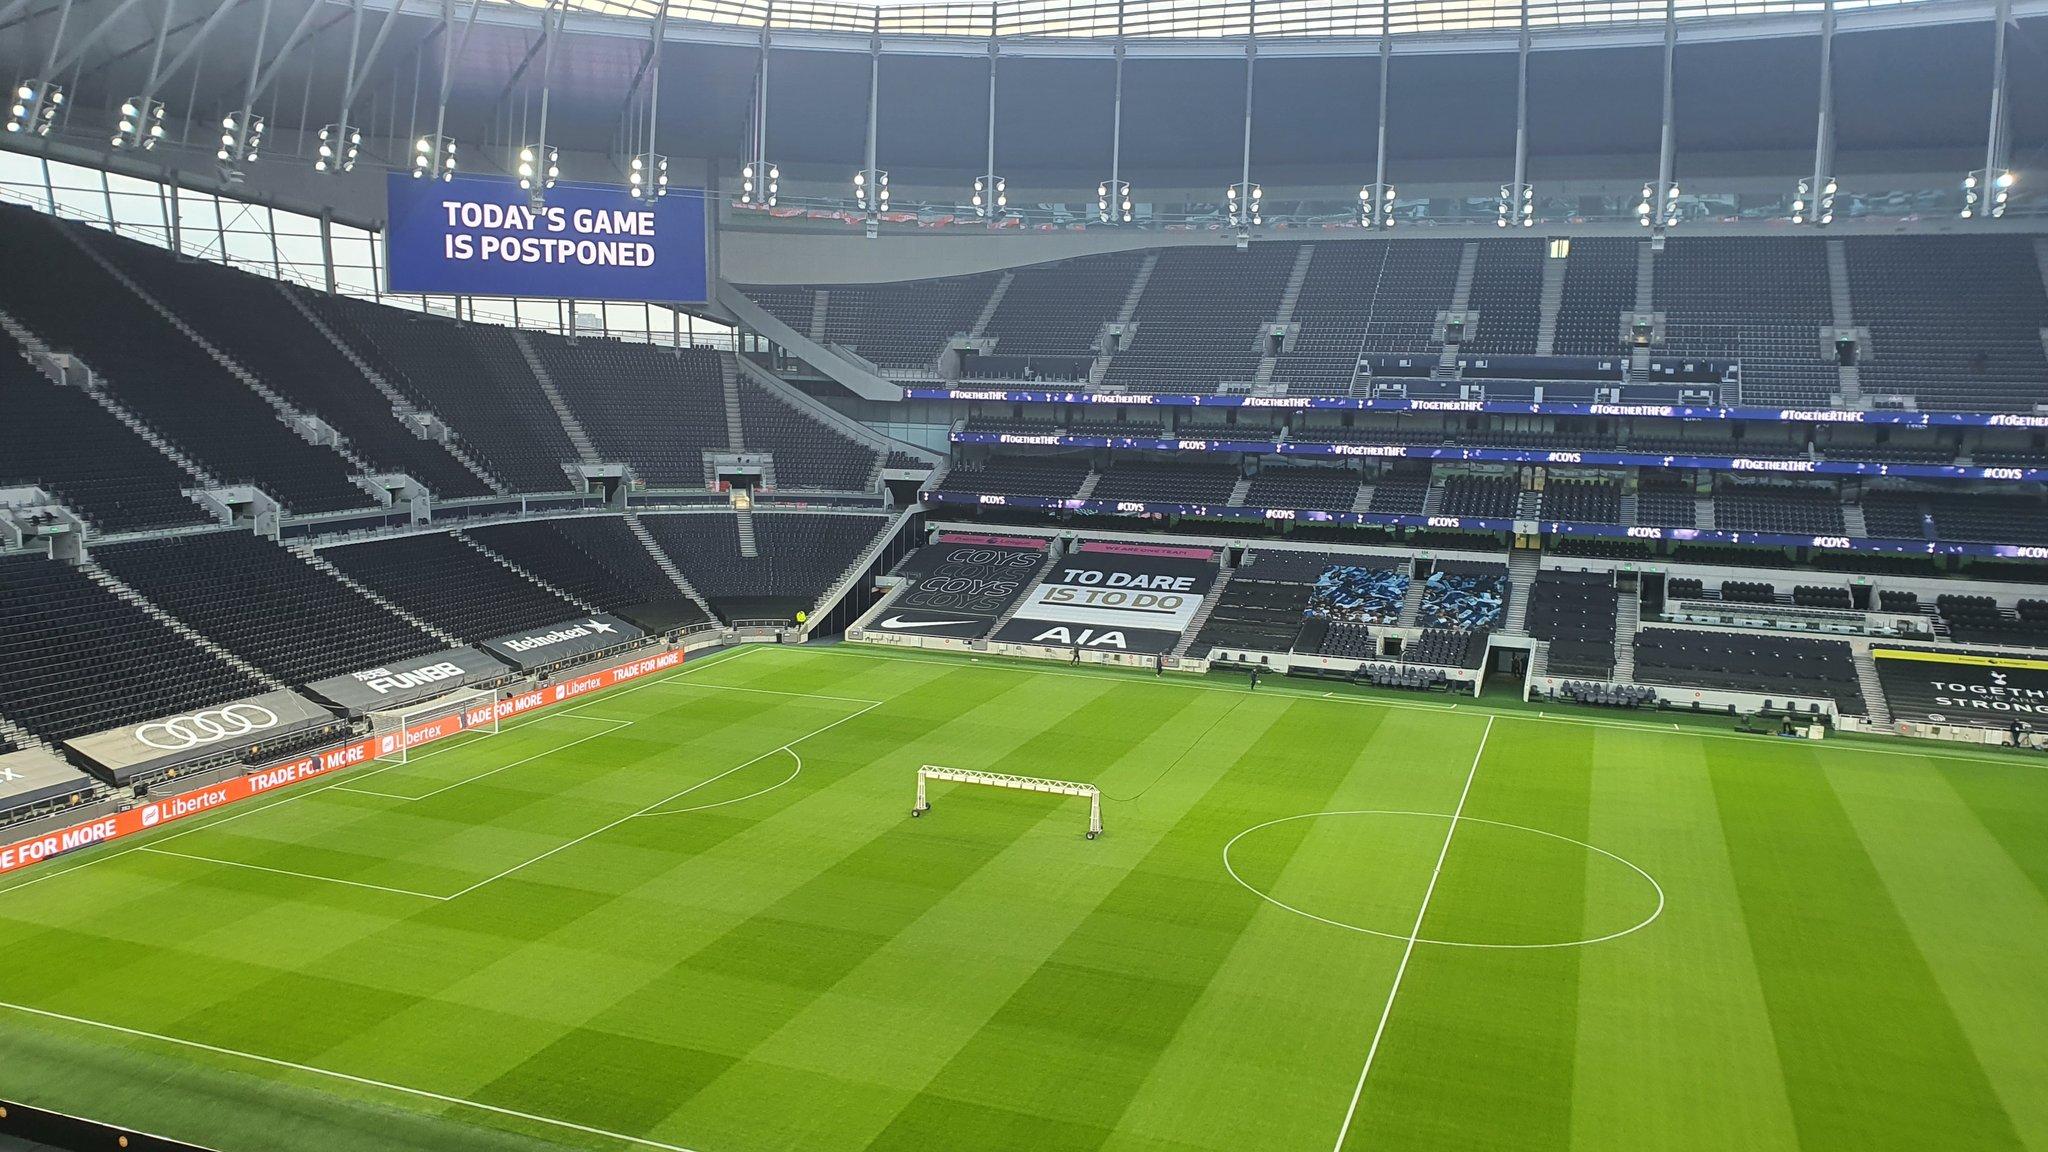 英甲球队高层:英格兰联赛暂停不可避免,生命比足球更重要